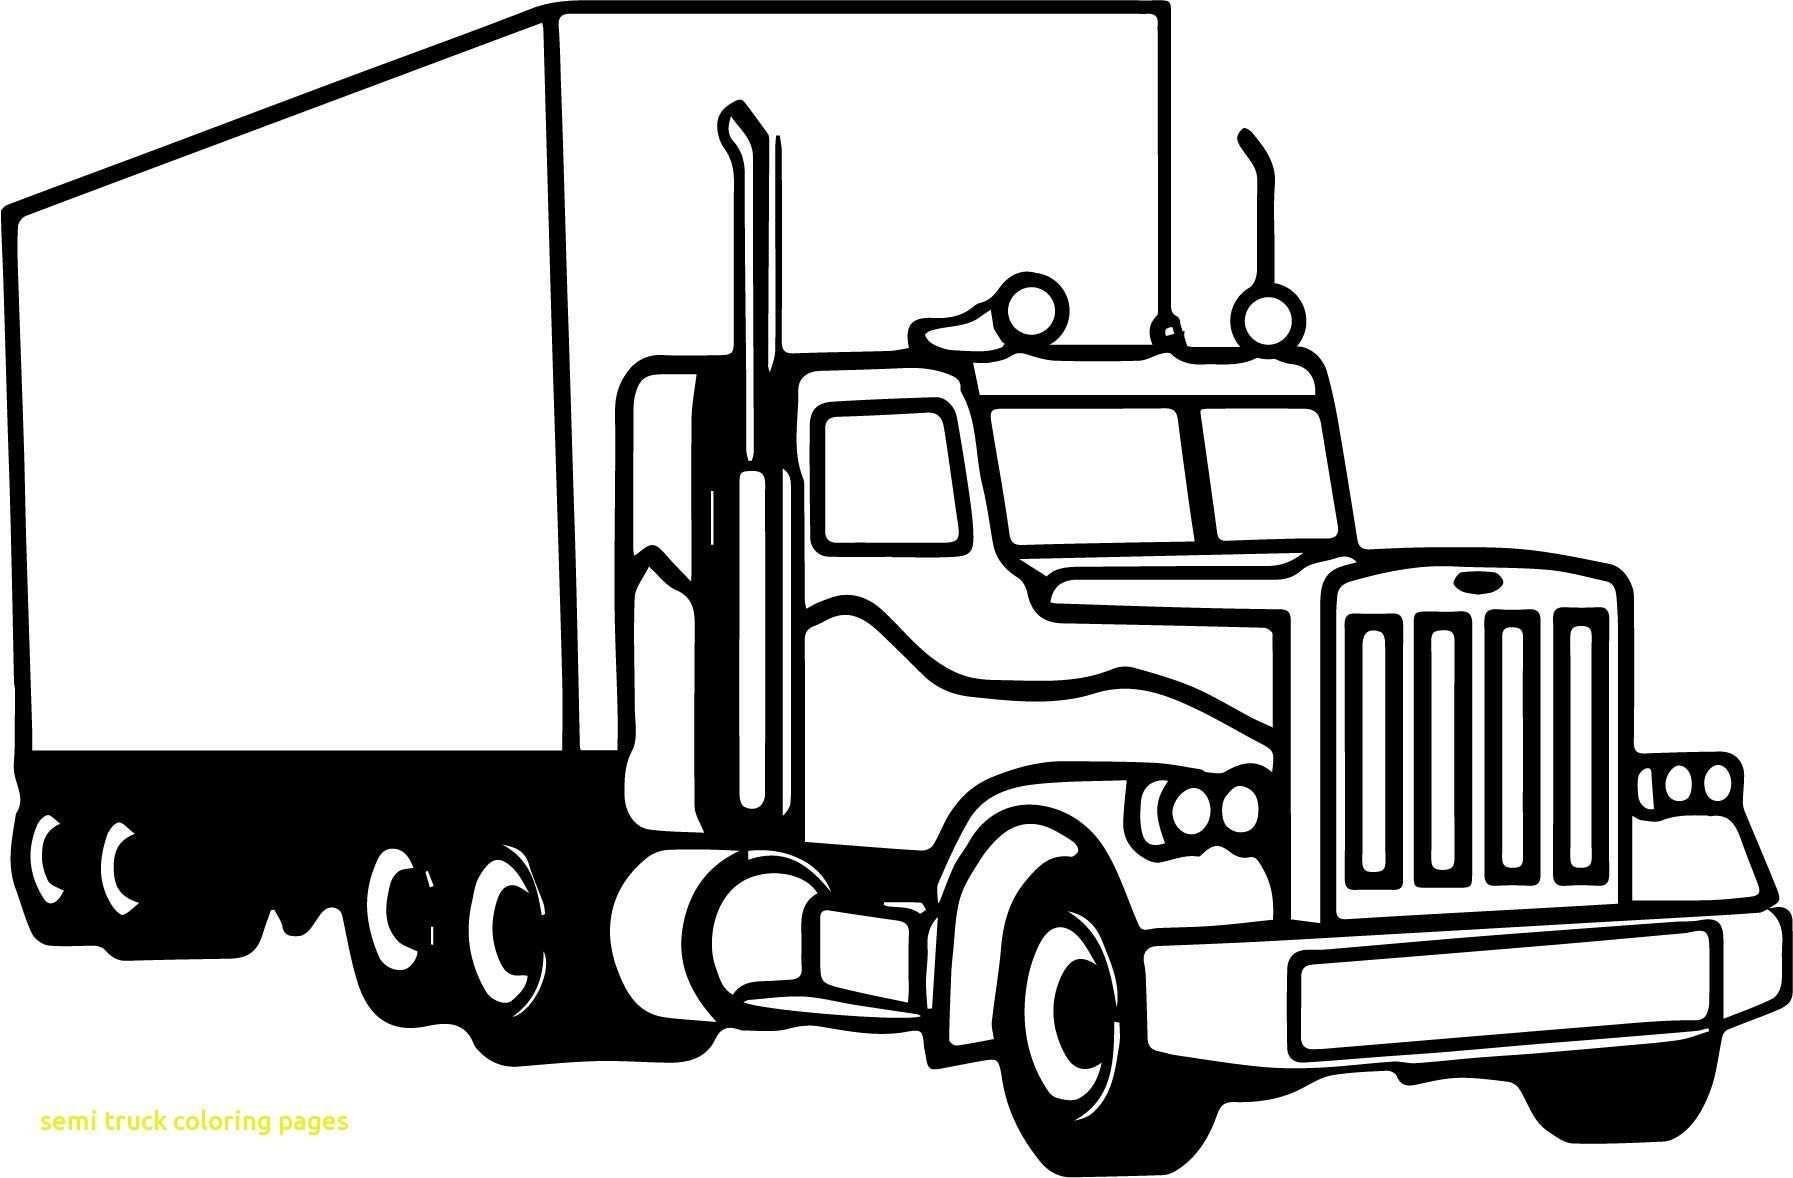 Semi Truck Coloring Pages Semi Truck Coloring Pages Elegant